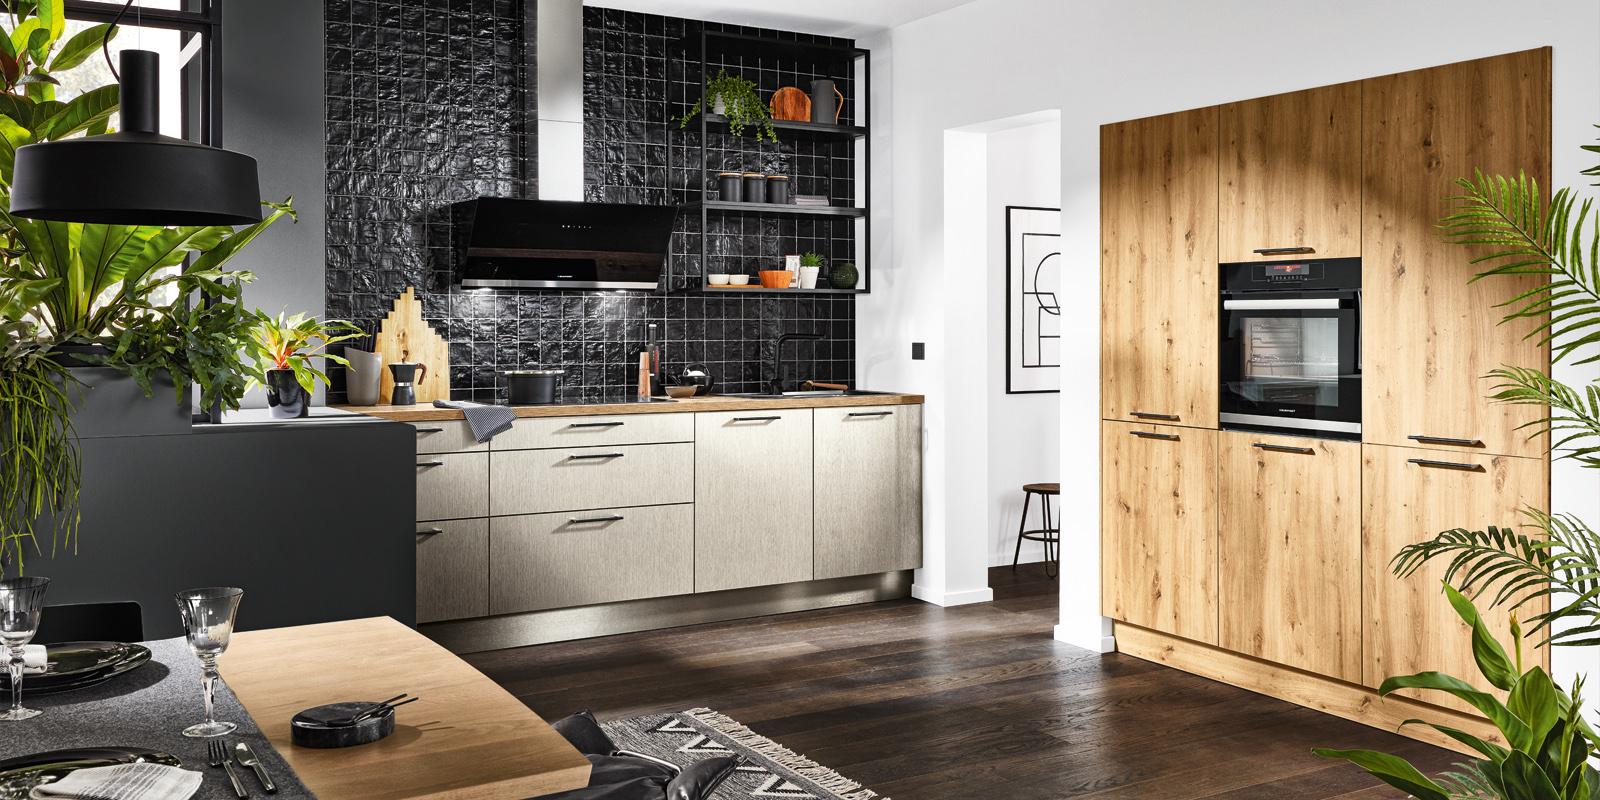 Full Size of Hochschrank Küche Ausziehbar Hochschrank Küche Backofen Geräte Hochschrank Küche Ikea Hochschrank Küche Küche Hochschrank Küche